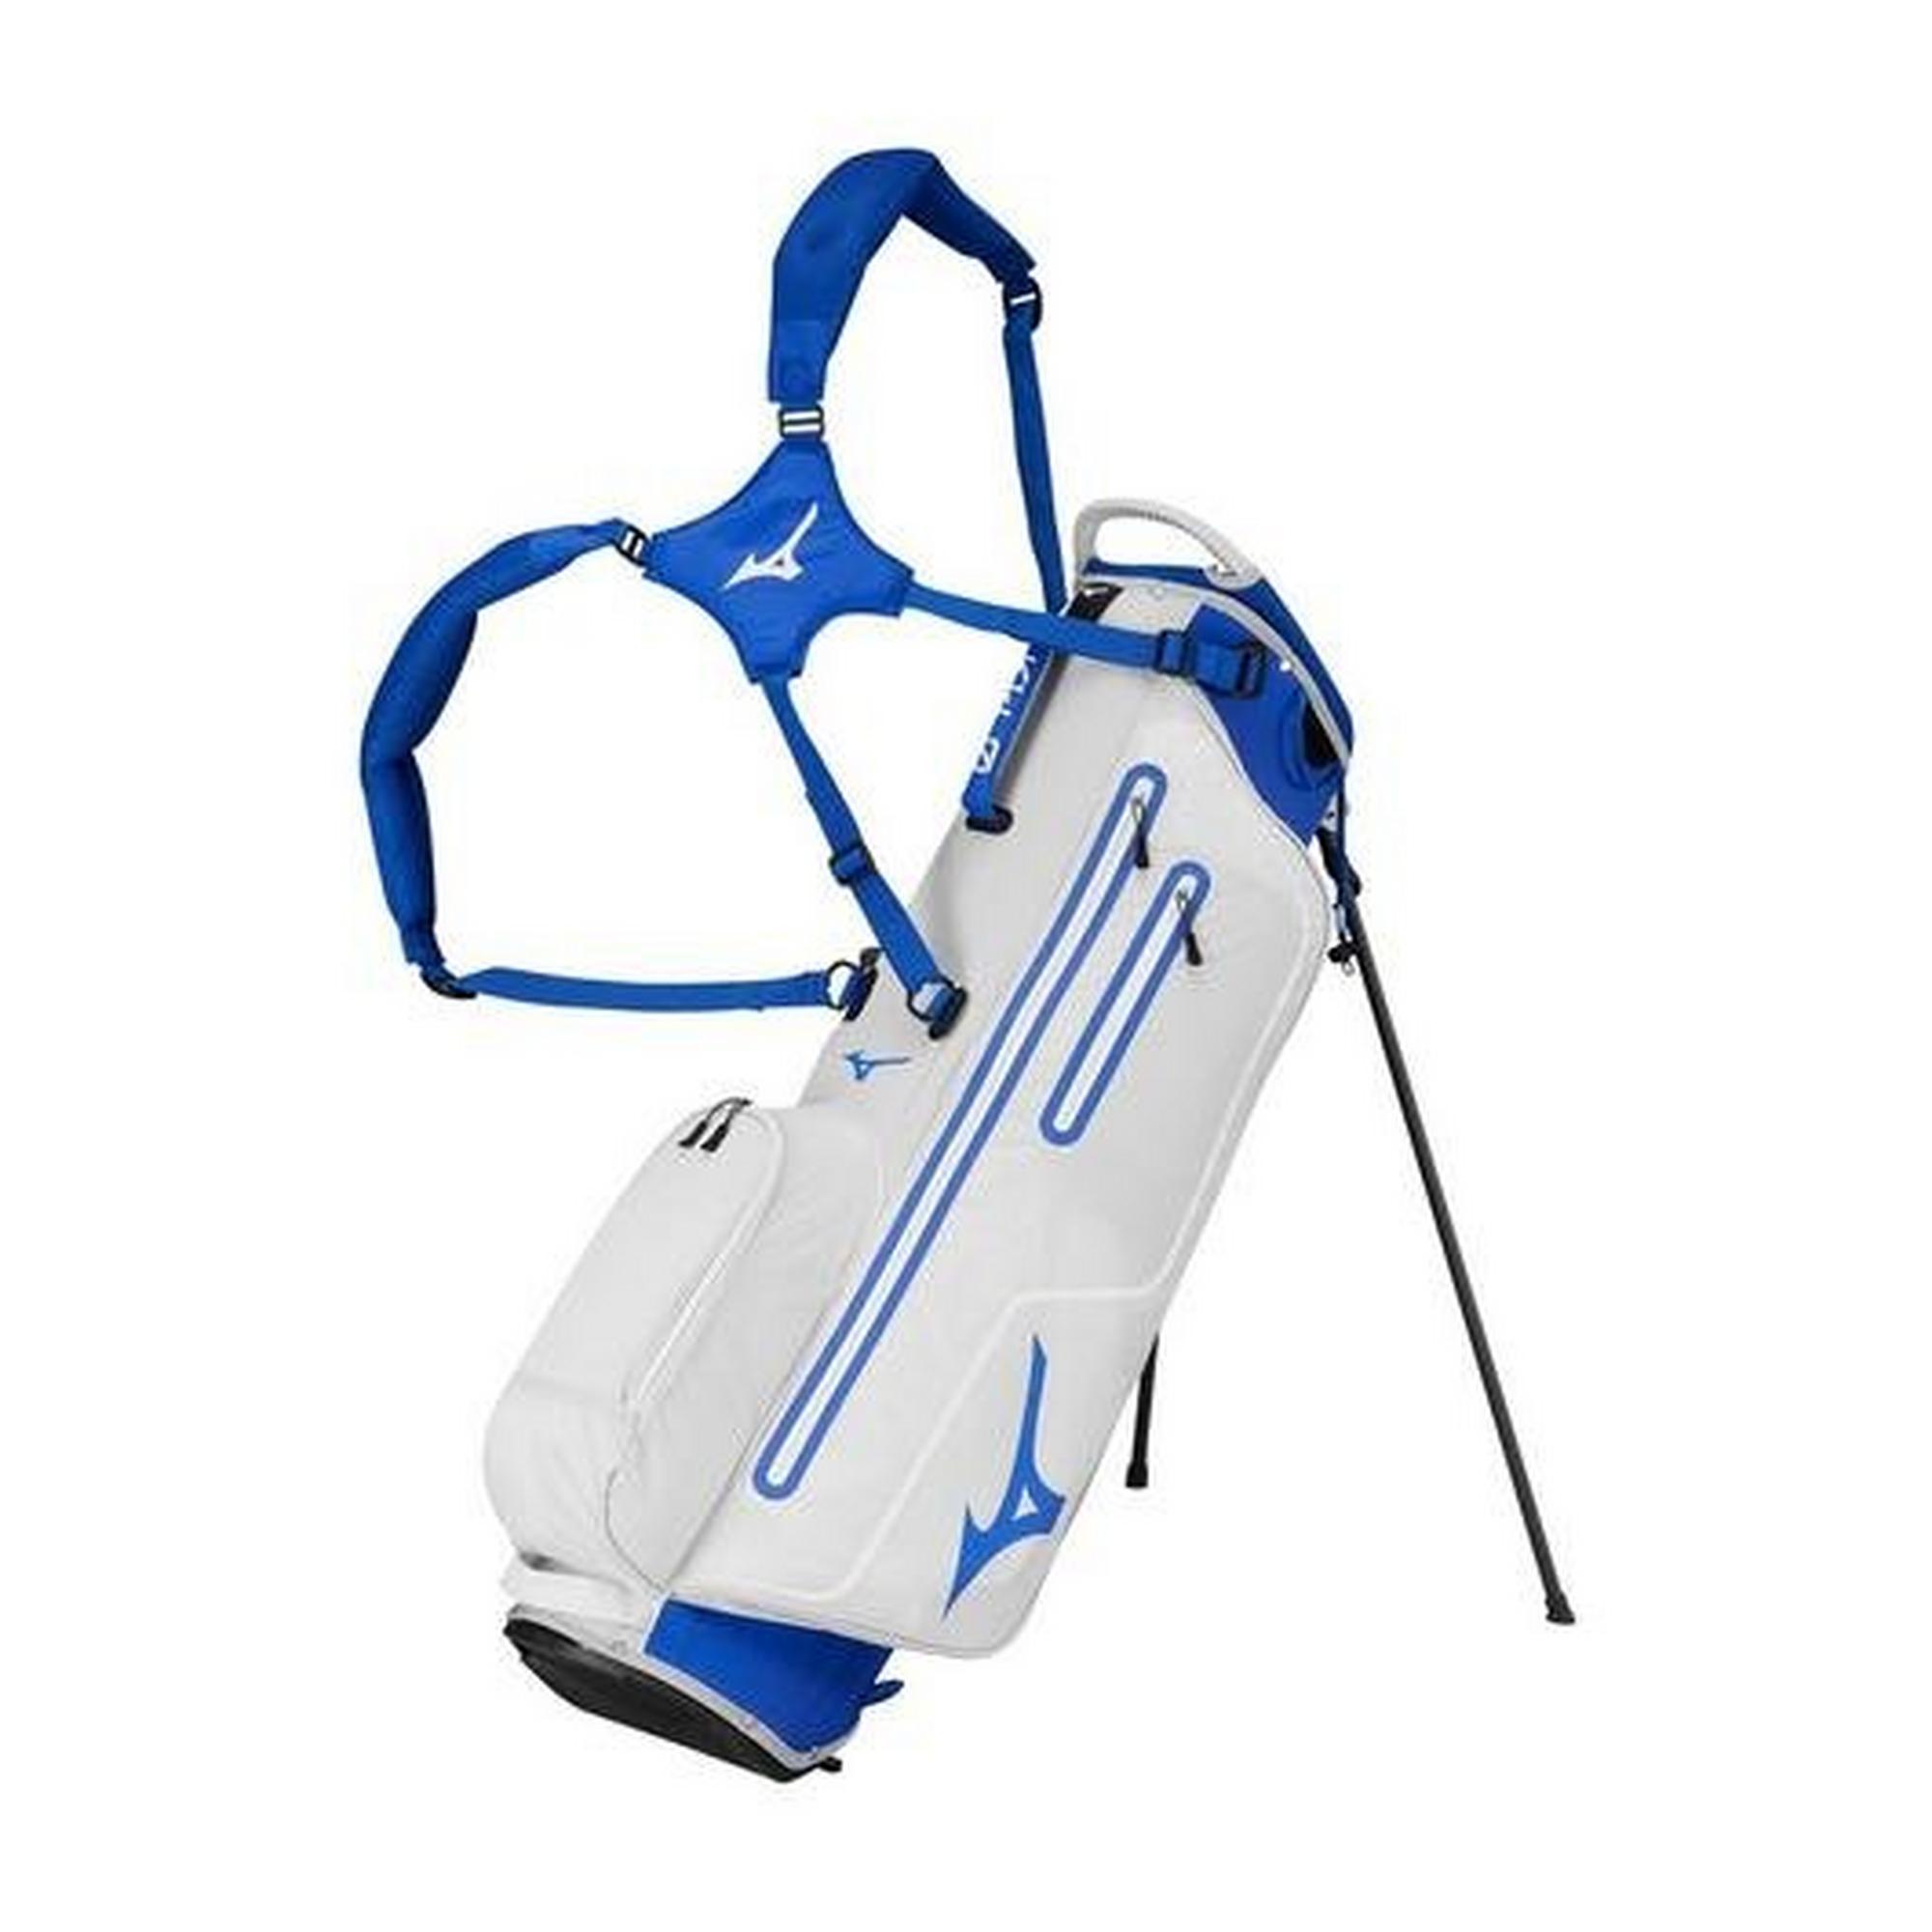 K1-LO Stand Bag